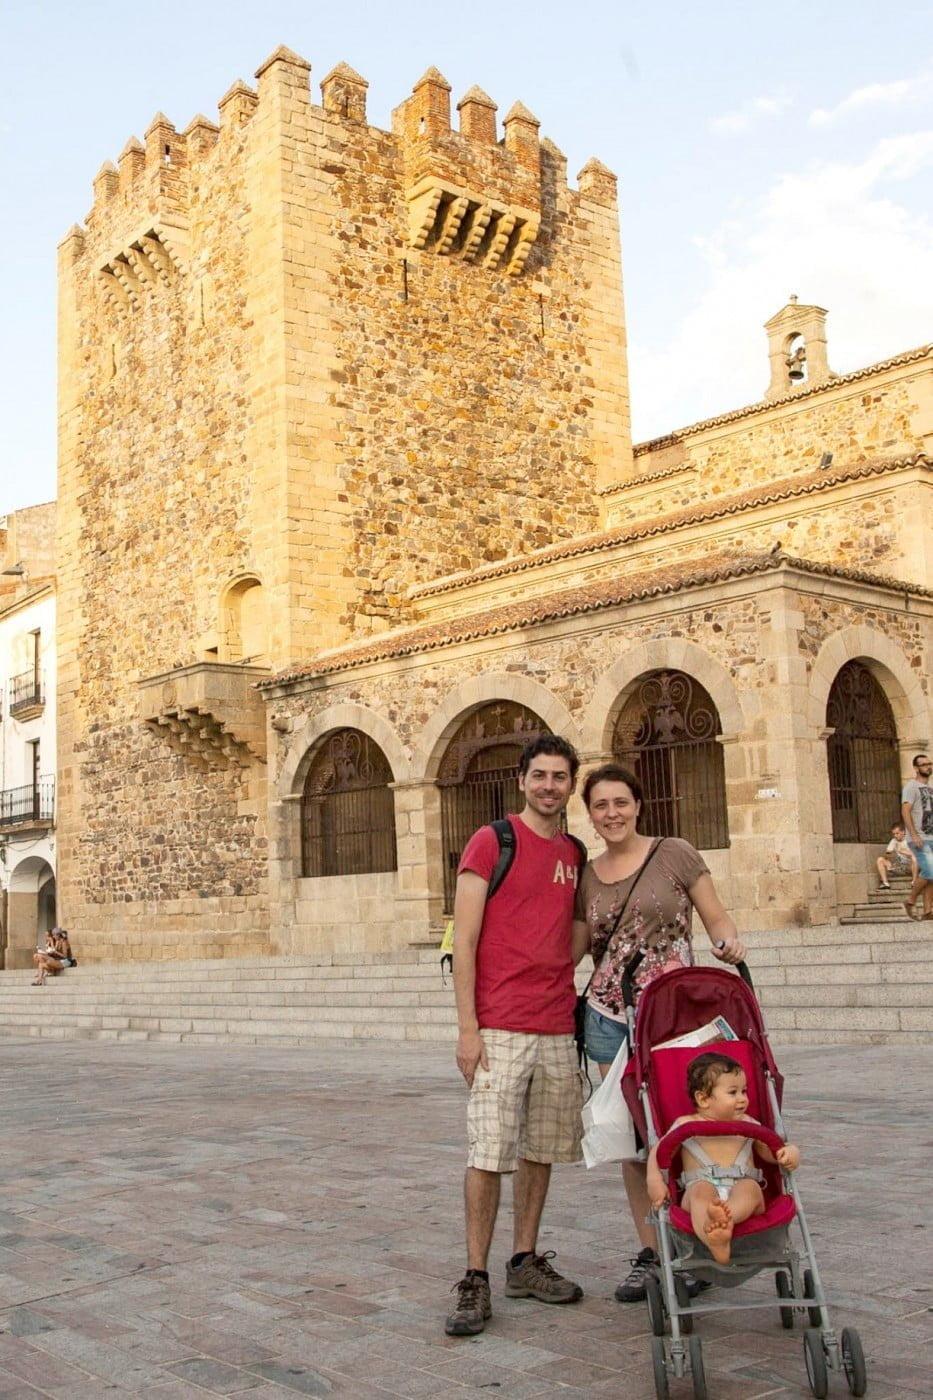 Henry, Denise e Phillipe: em nove anos longe do Brasil, eles viveram em oito países. A receita de liberdade e de mobilidade do casal nômade de Curitiba – e do mundo!